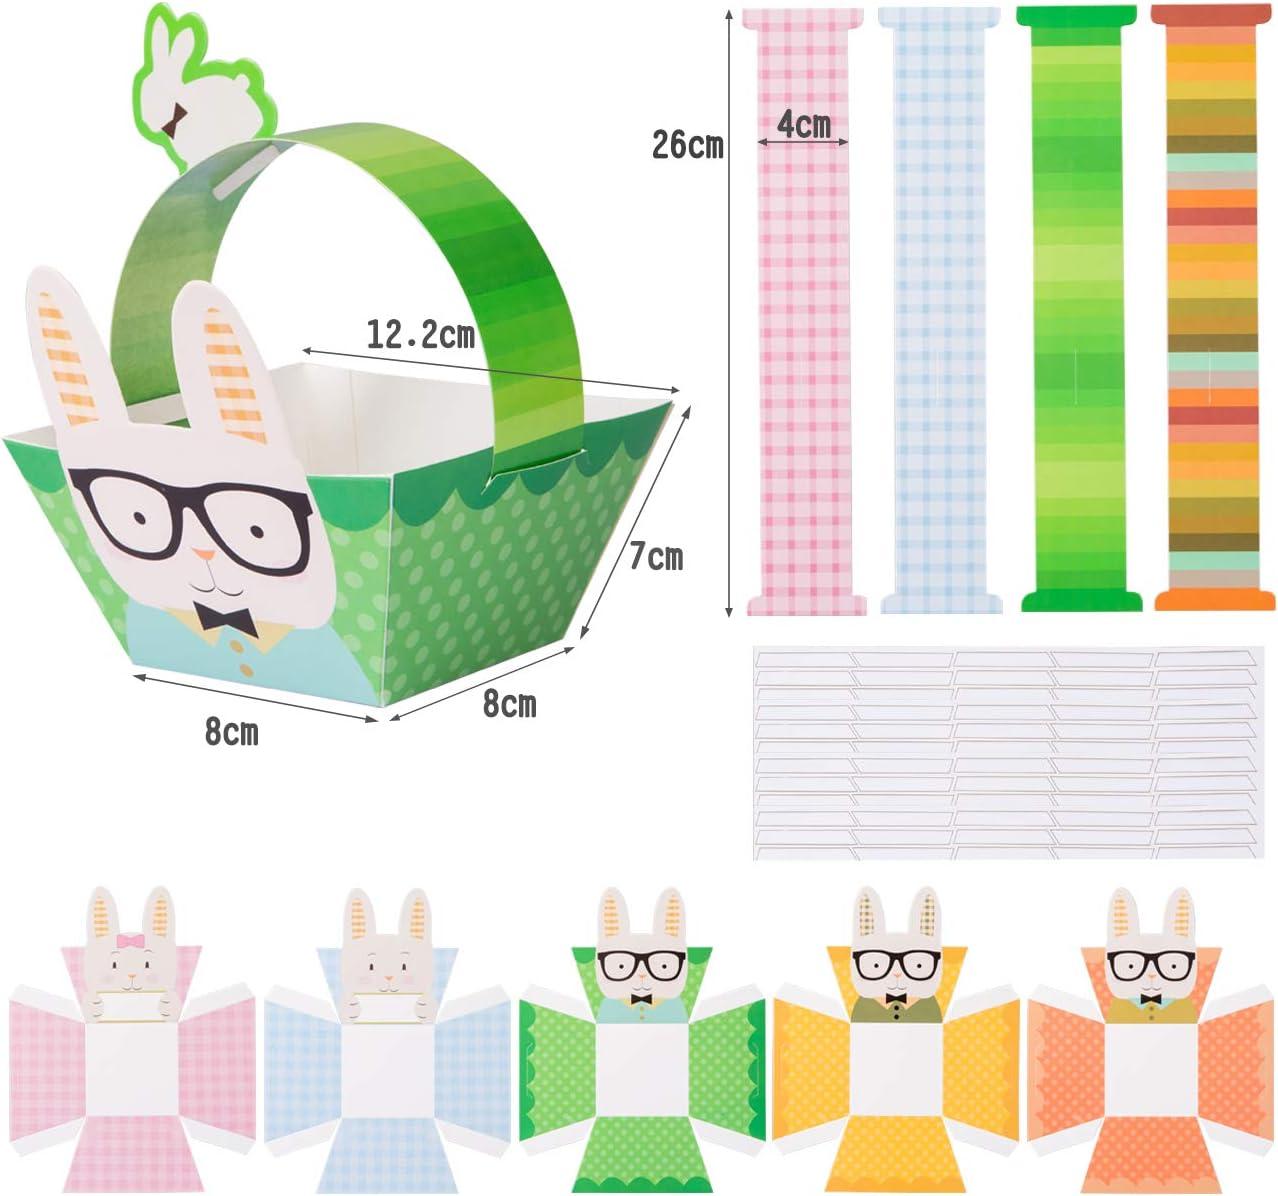 Paniers Cadeaux de P/âques Kit de Loisirs Cr/éatifs DIY pour Enfant Naler Lot de 10 pcs Paniers de P/âques Panier /œufs pour P/âques Lapin Poulet